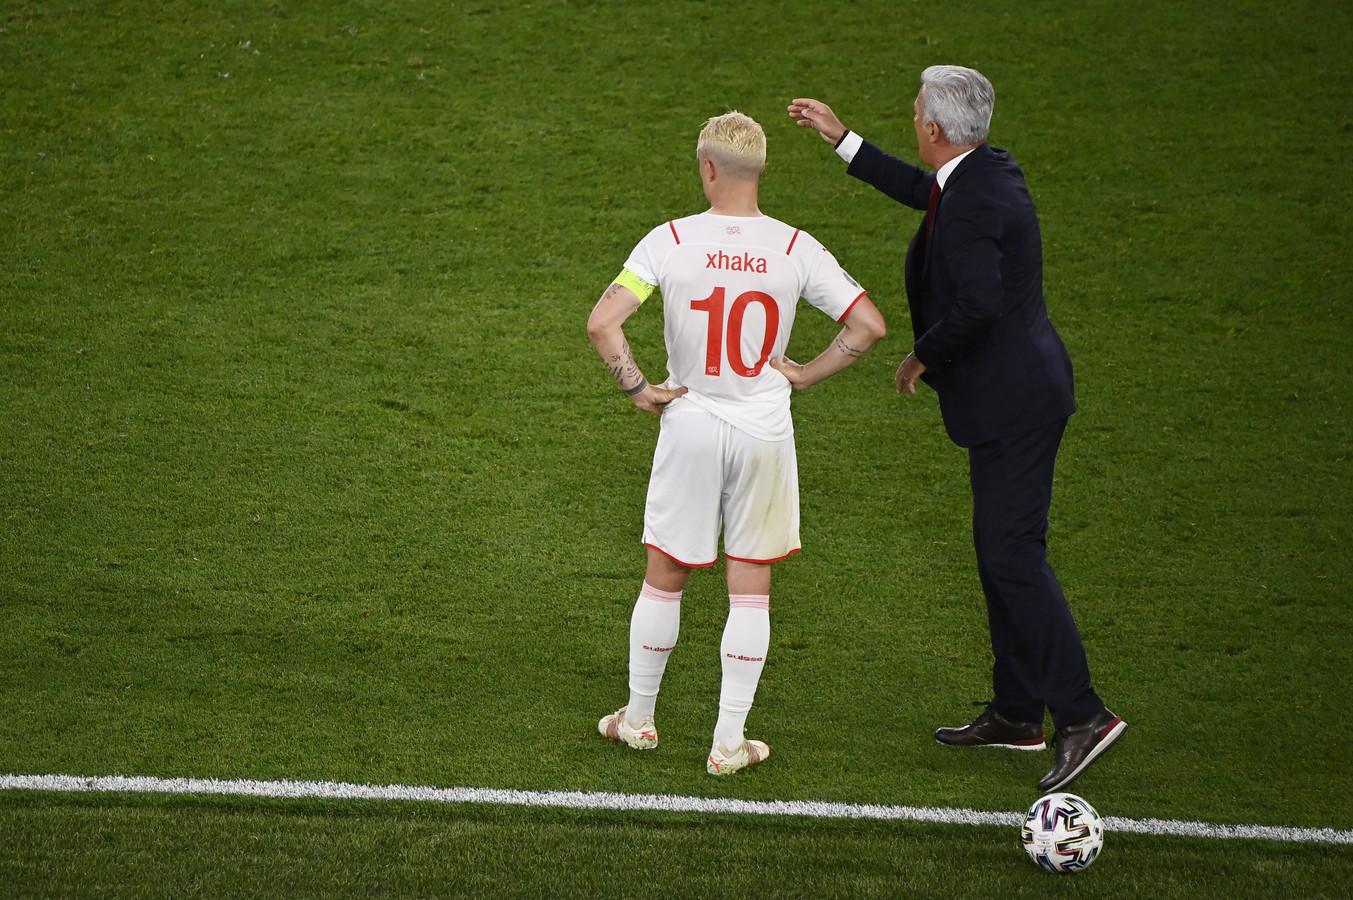 Le match contre la Turquie sera celui de la dernière chance pour la Suisse de Vladimir Petkovic.